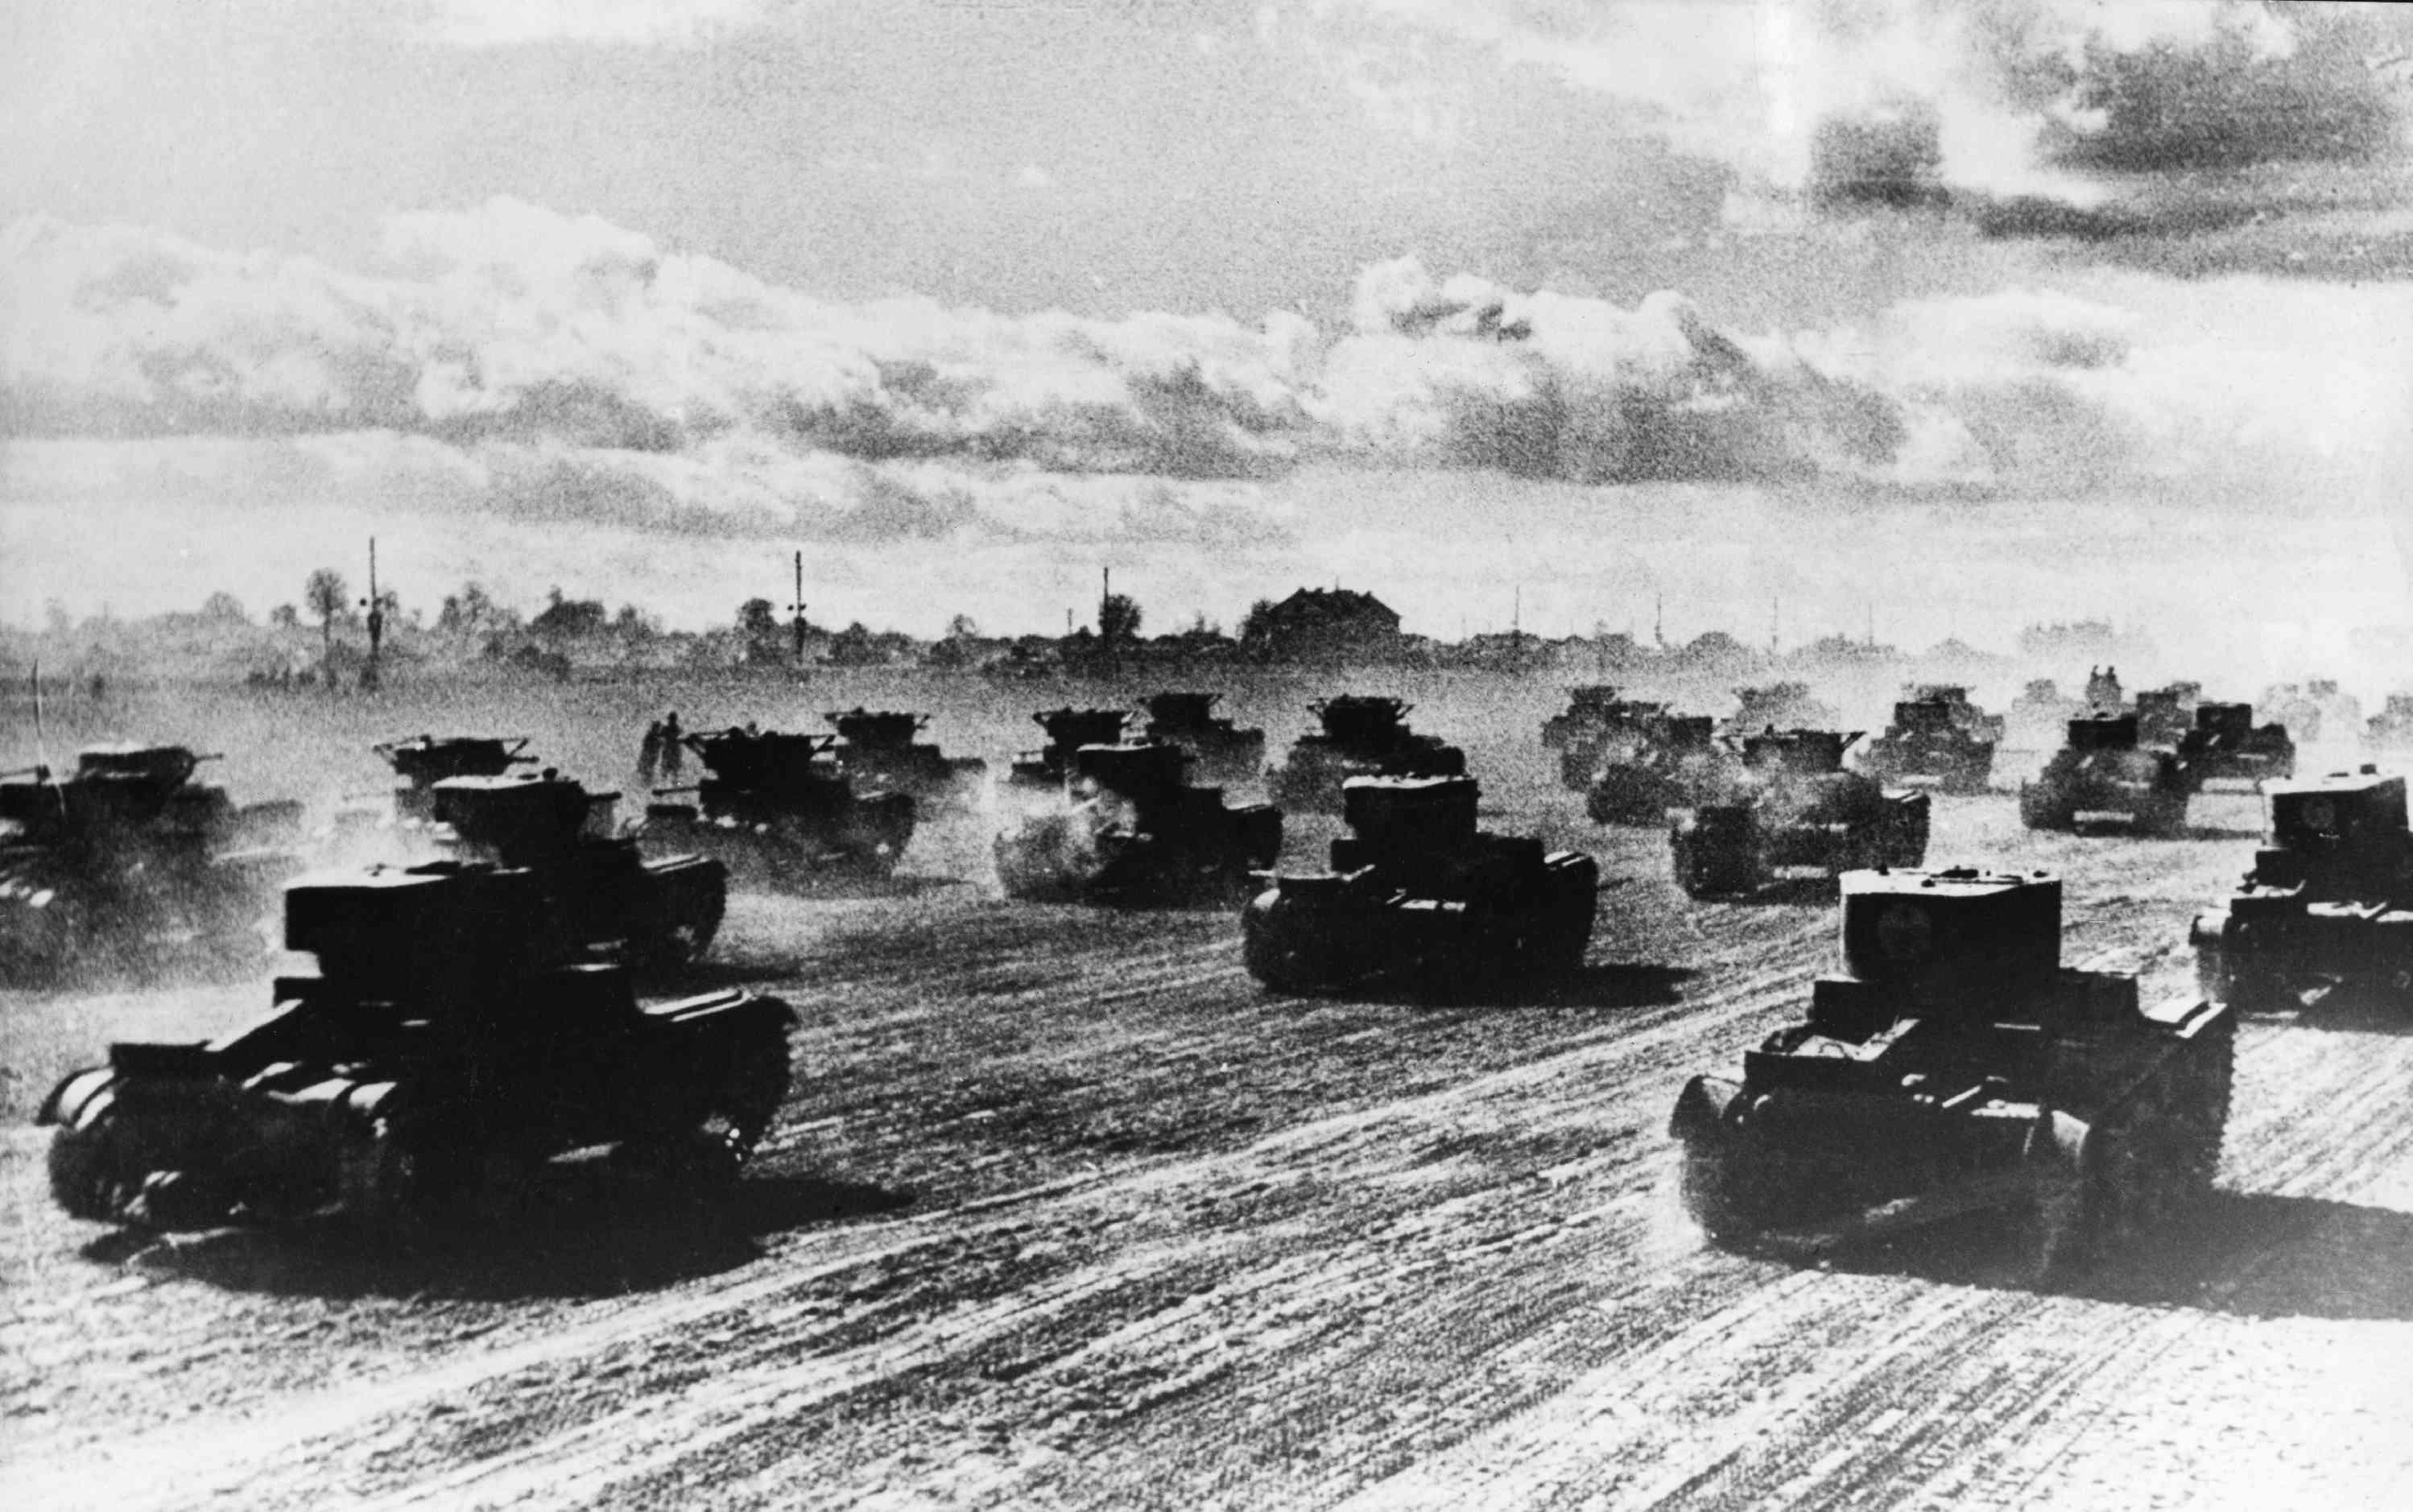 Ρωσικά τανκς σπεύδουν προς τα εμπρός, Ιούνιος 1941.